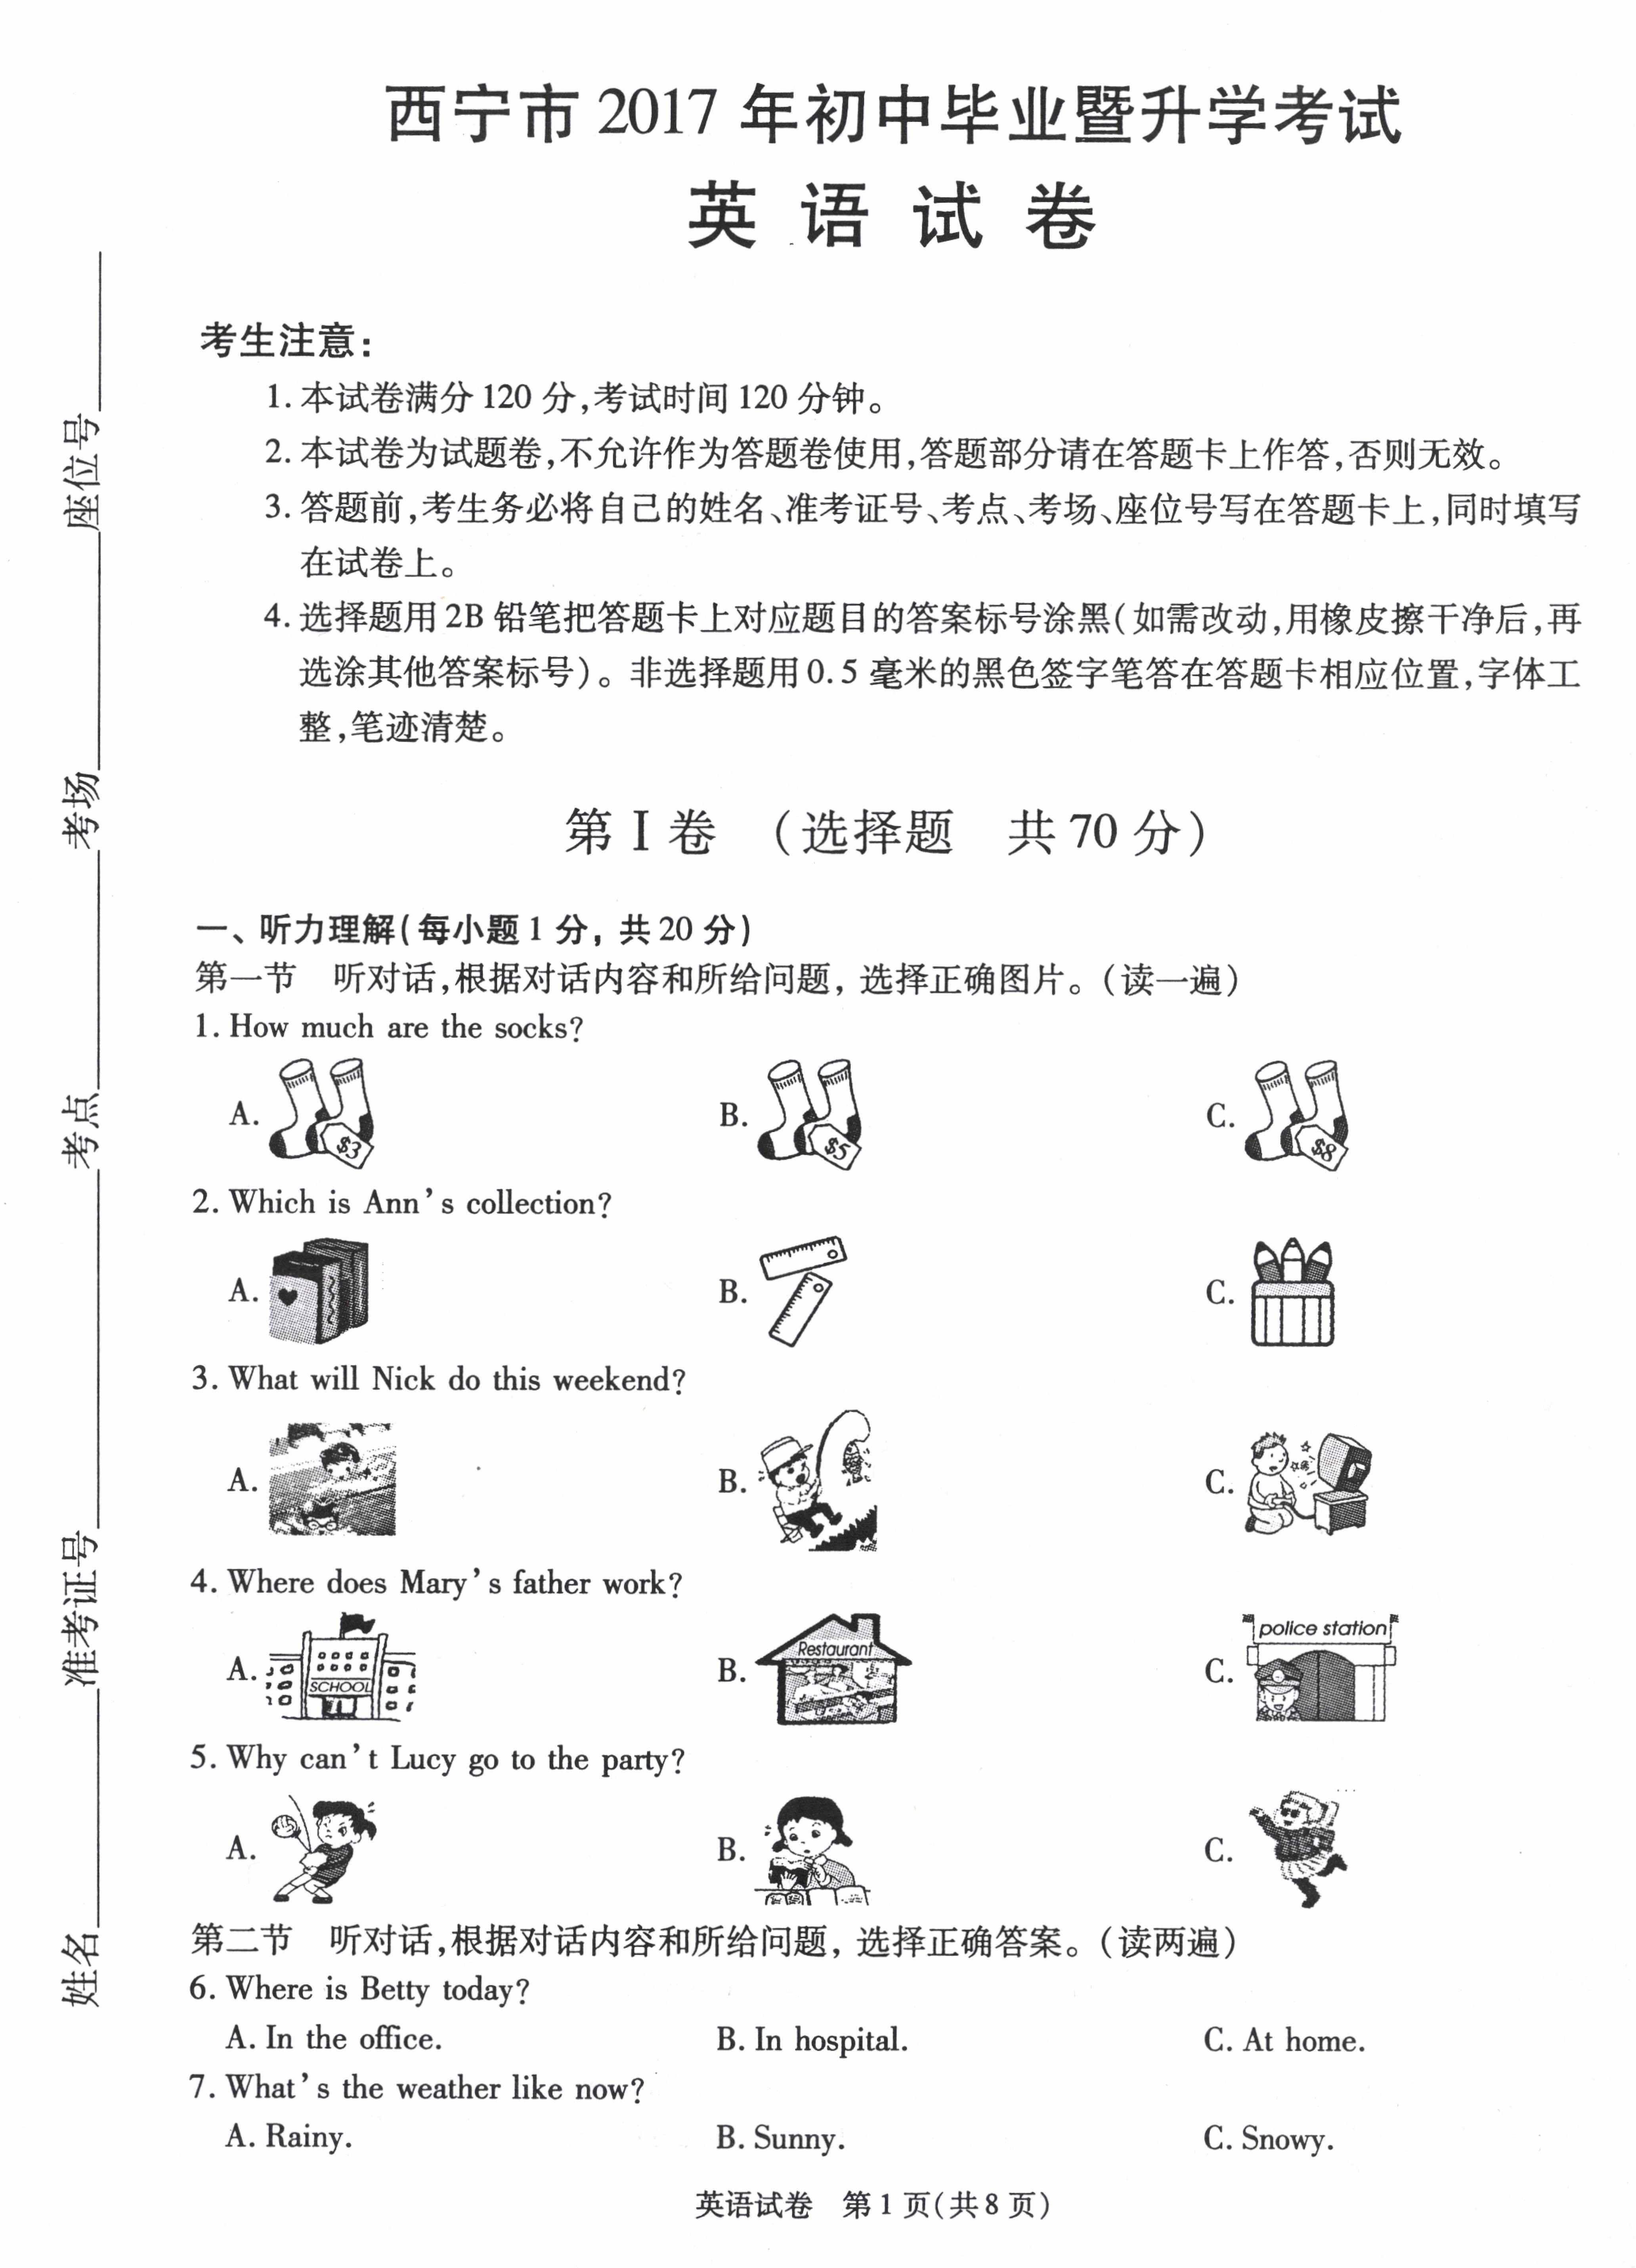 2017青海西宁中考英语试题及答案解析(图片版含答案)